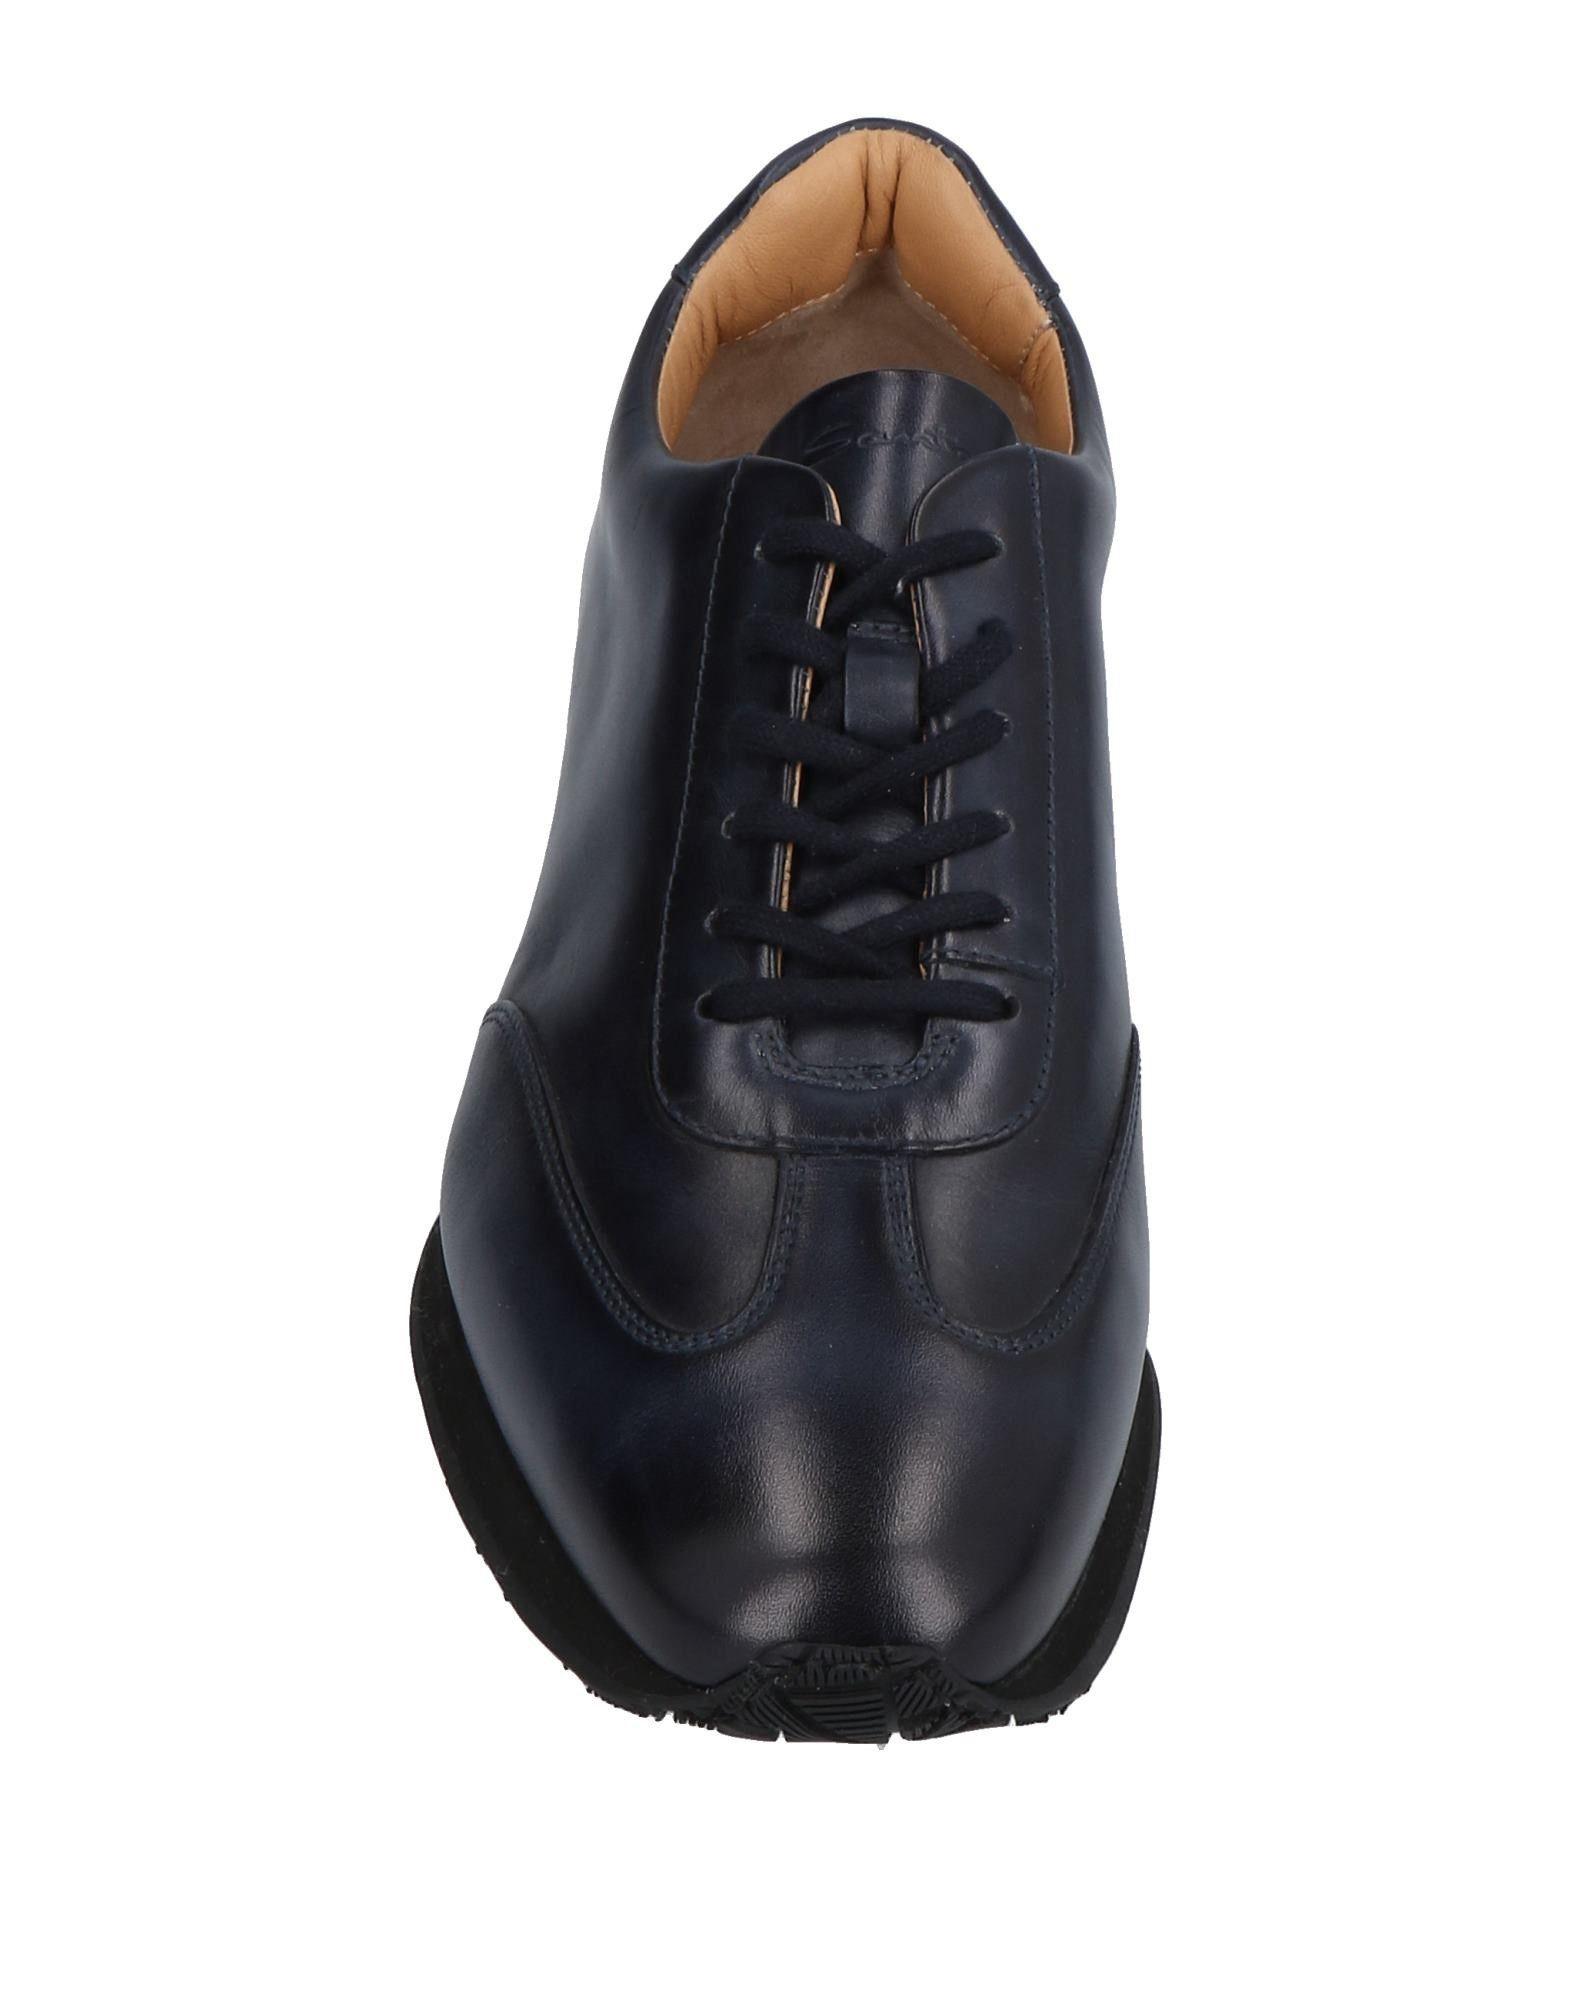 Santoni Sneakers Qualität Herren  11478734UN Gute Qualität Sneakers beliebte Schuhe 9e3822